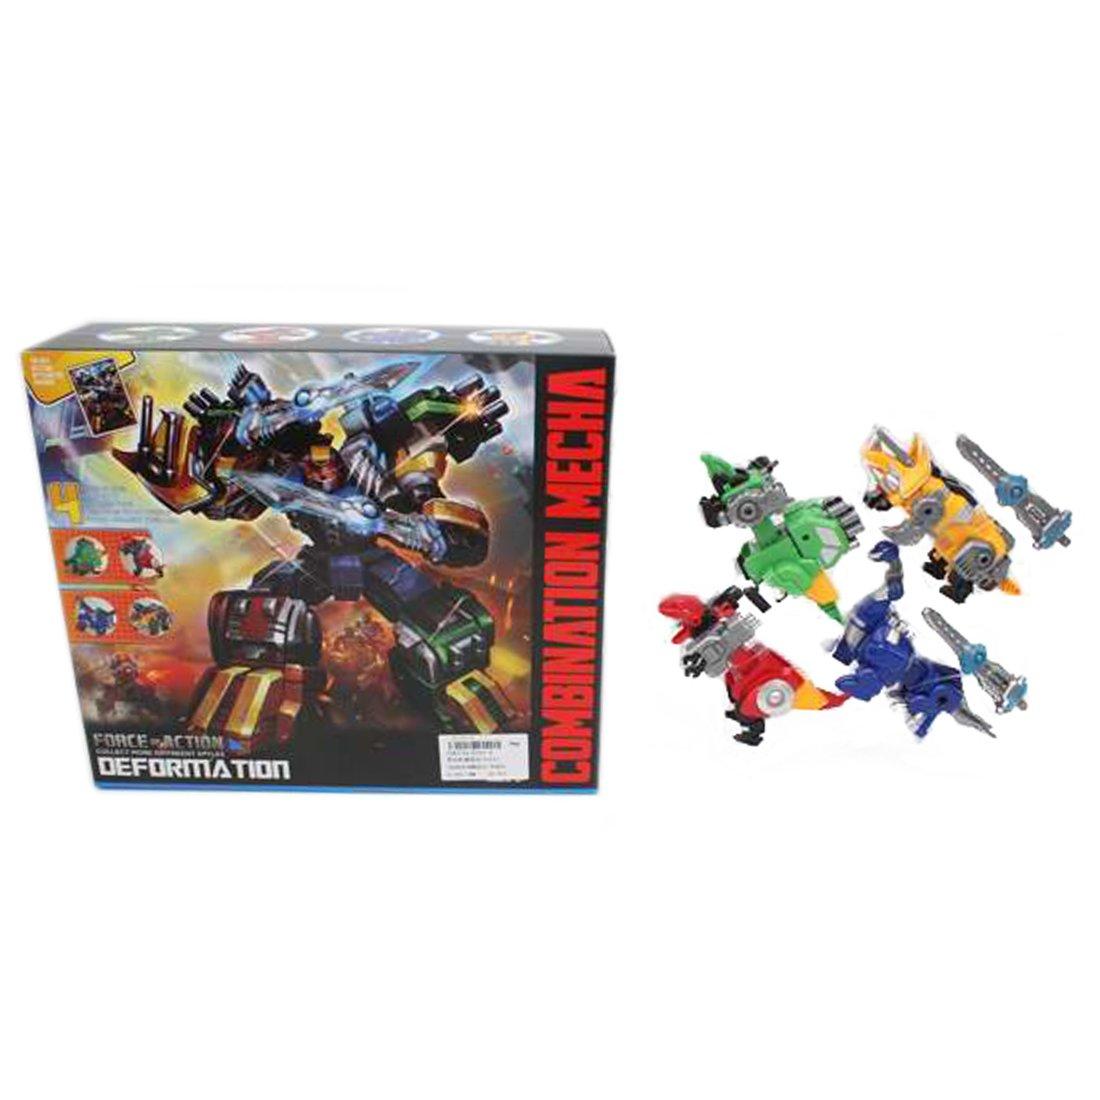 Игр.набор Роботы-трансформеры, в комплекте предметов 6шт., коробка